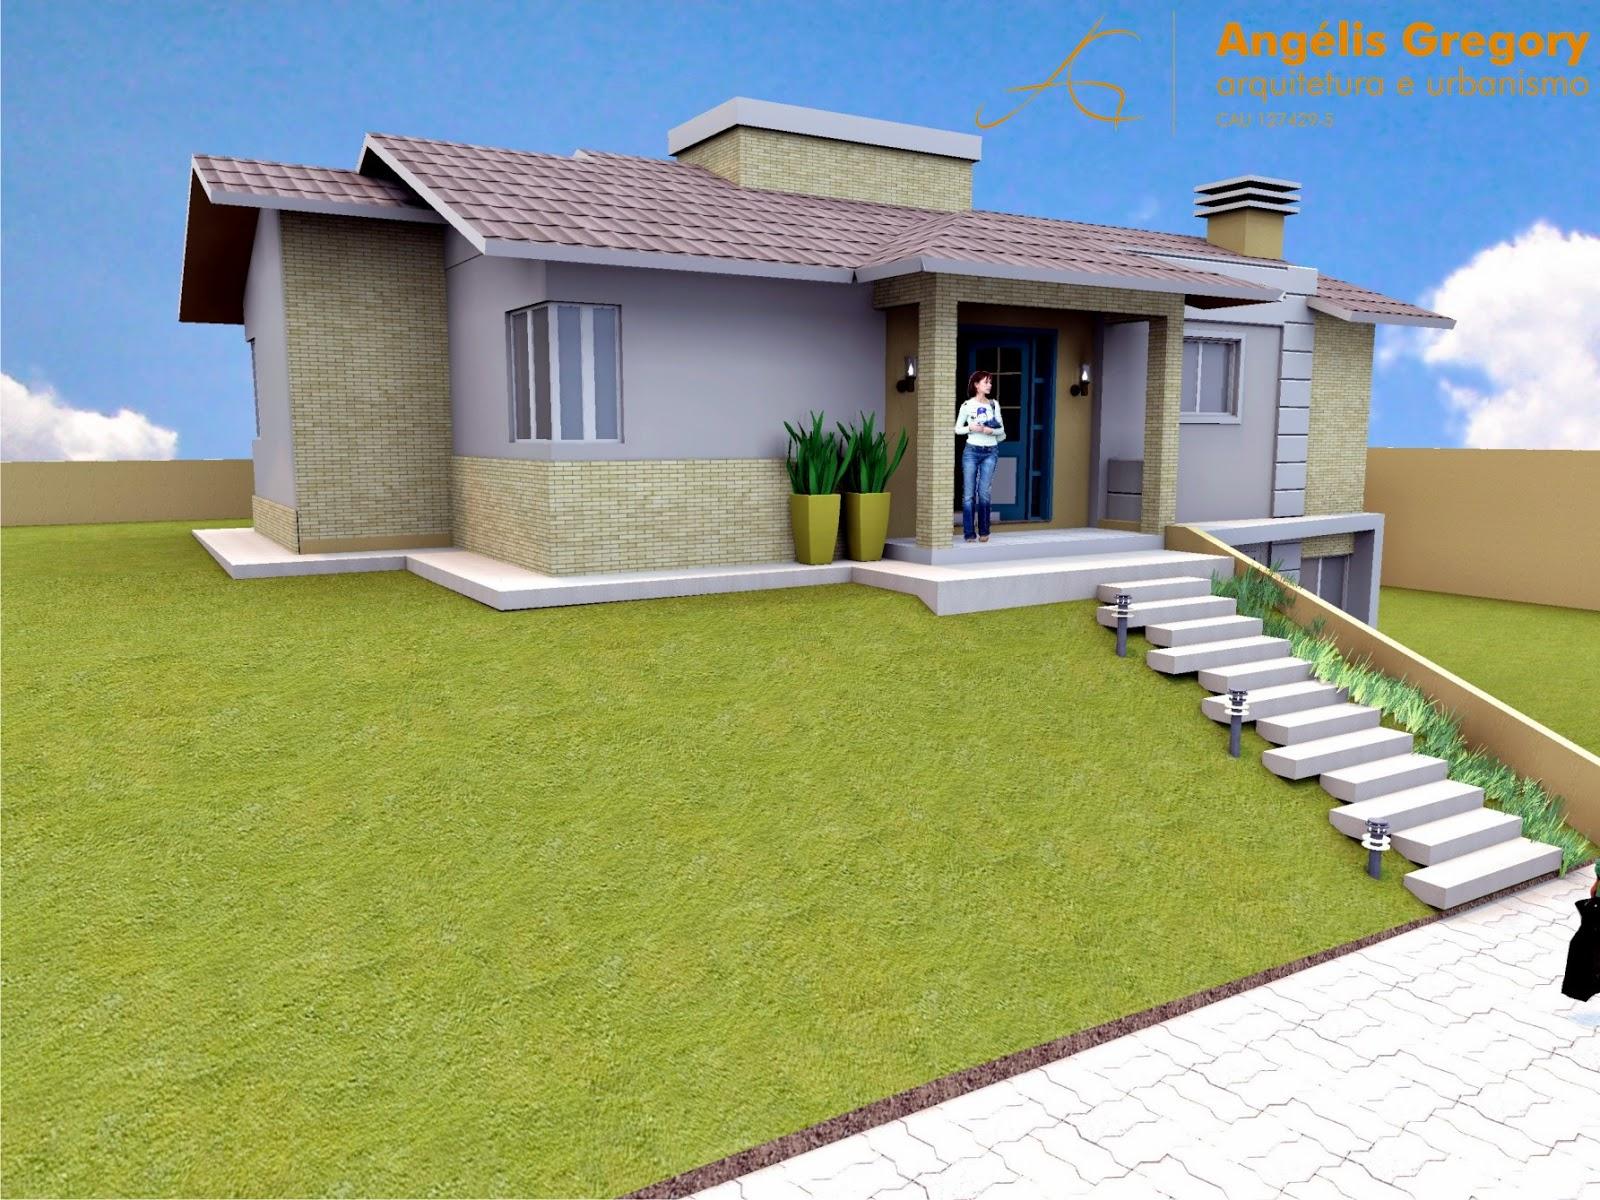 #1B65B0  Urbanismo: Projetos para Minha Casa Minha Vida do Governo Federal 1600x1200 px Projeto Cozinha Comunitária Governo Federal_4147 Imagens